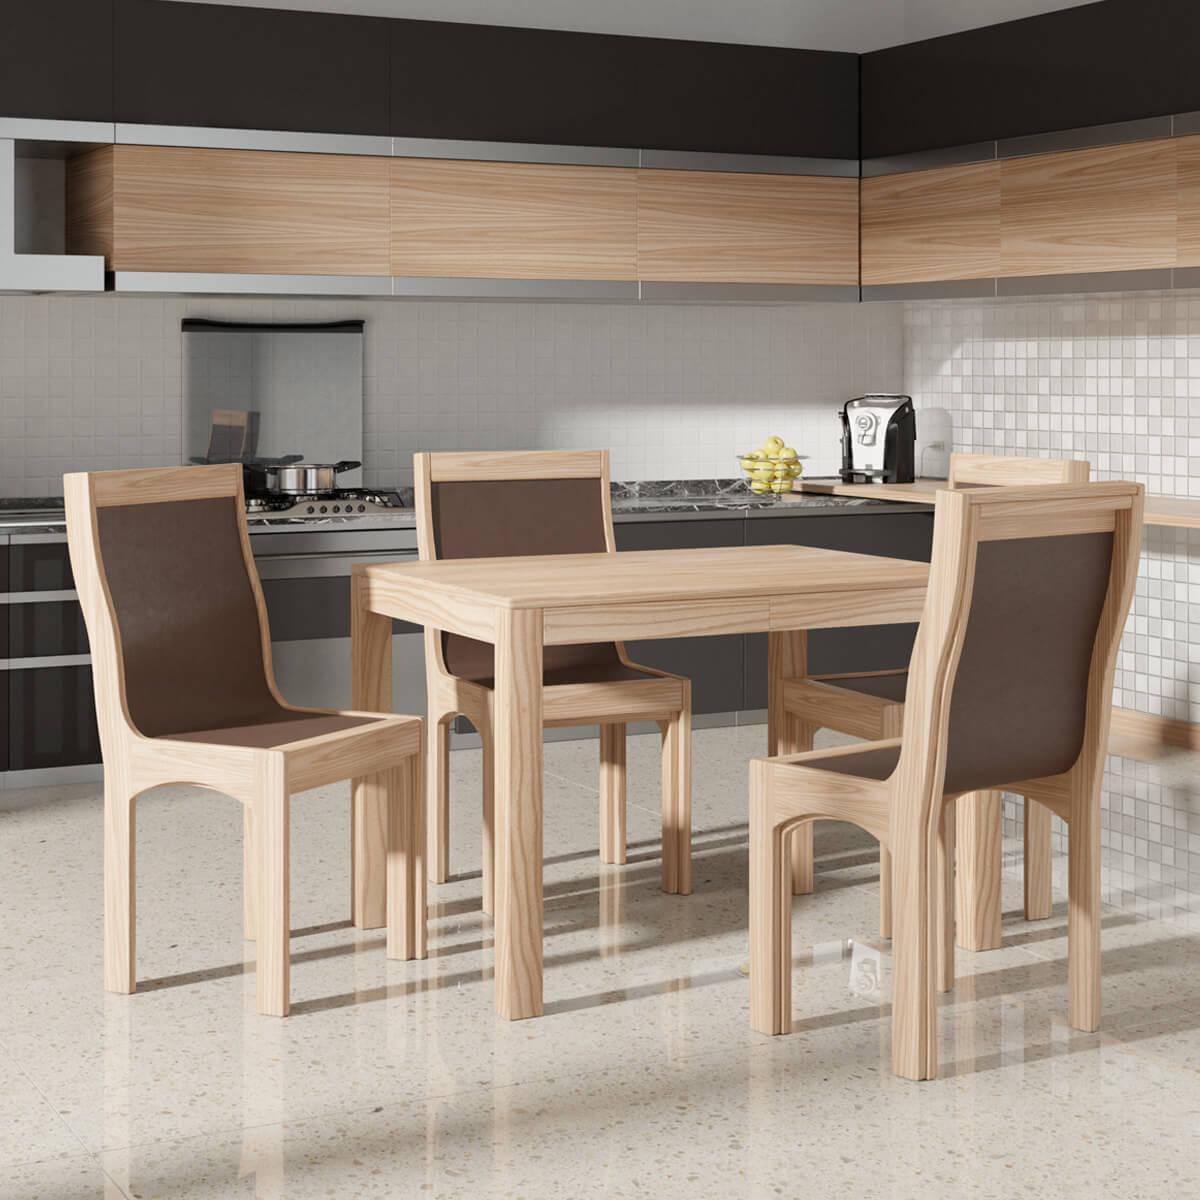 Tavoli allungabili Brianza tavolo da cucina